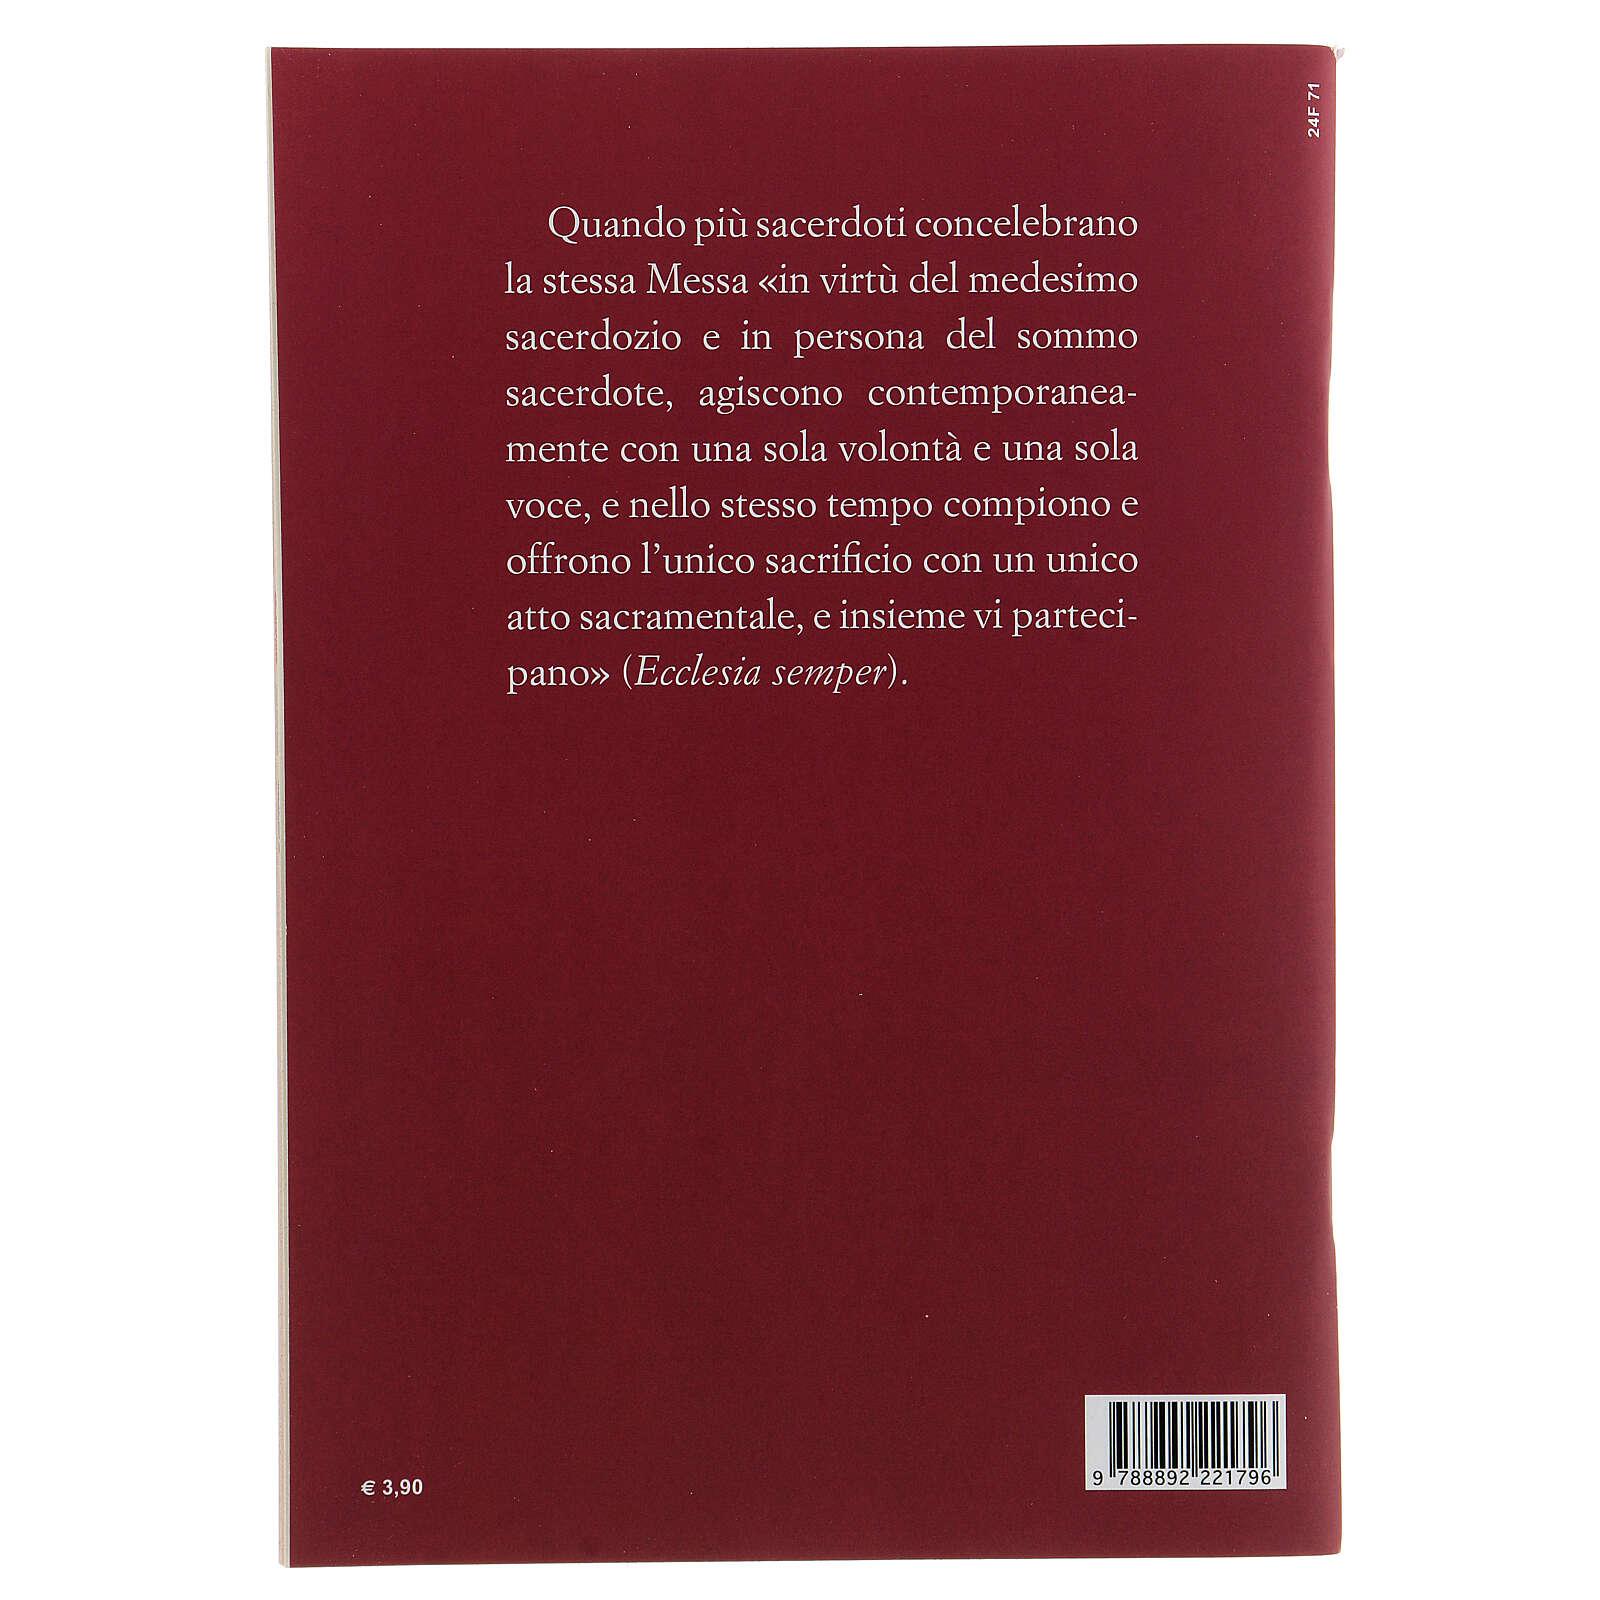 Preghiere Eucaristiche per la Concelebrazione III EDIZIONE tascabile 4